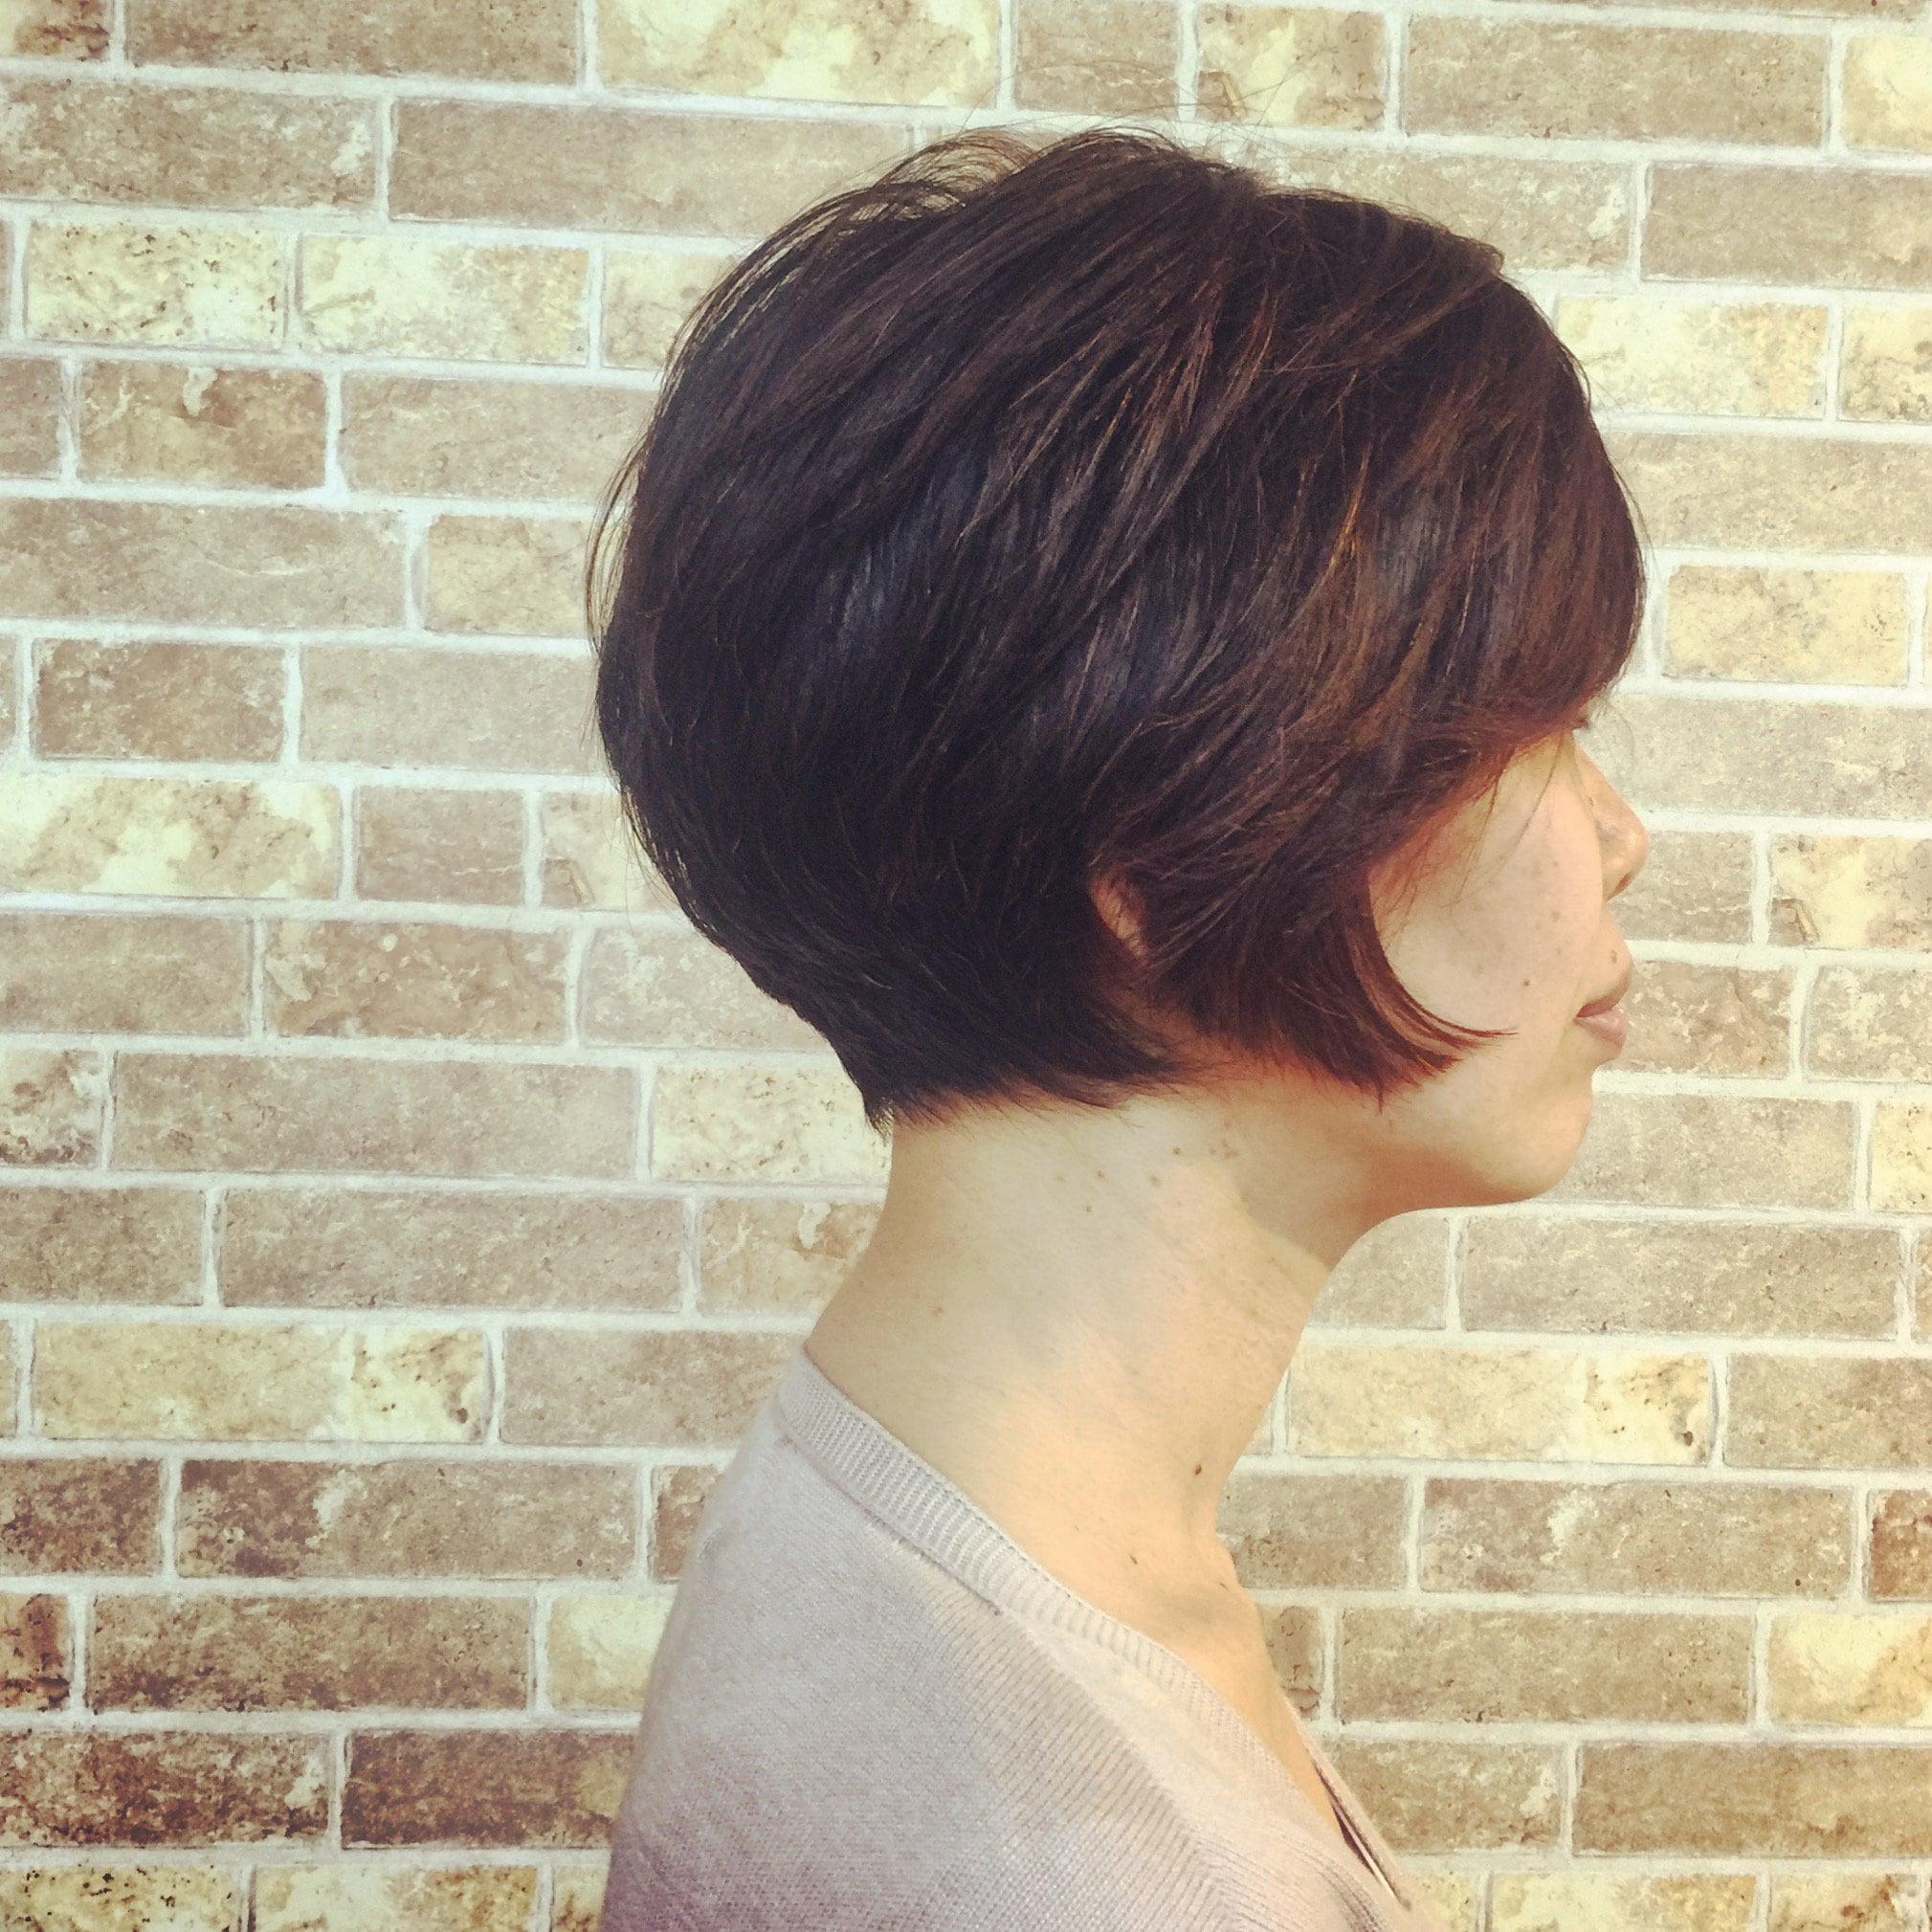 【店頭で支払い】カットチケット✂再現性抜群!あなたの髪質を考慮したお悩み解決カットのイメージその2